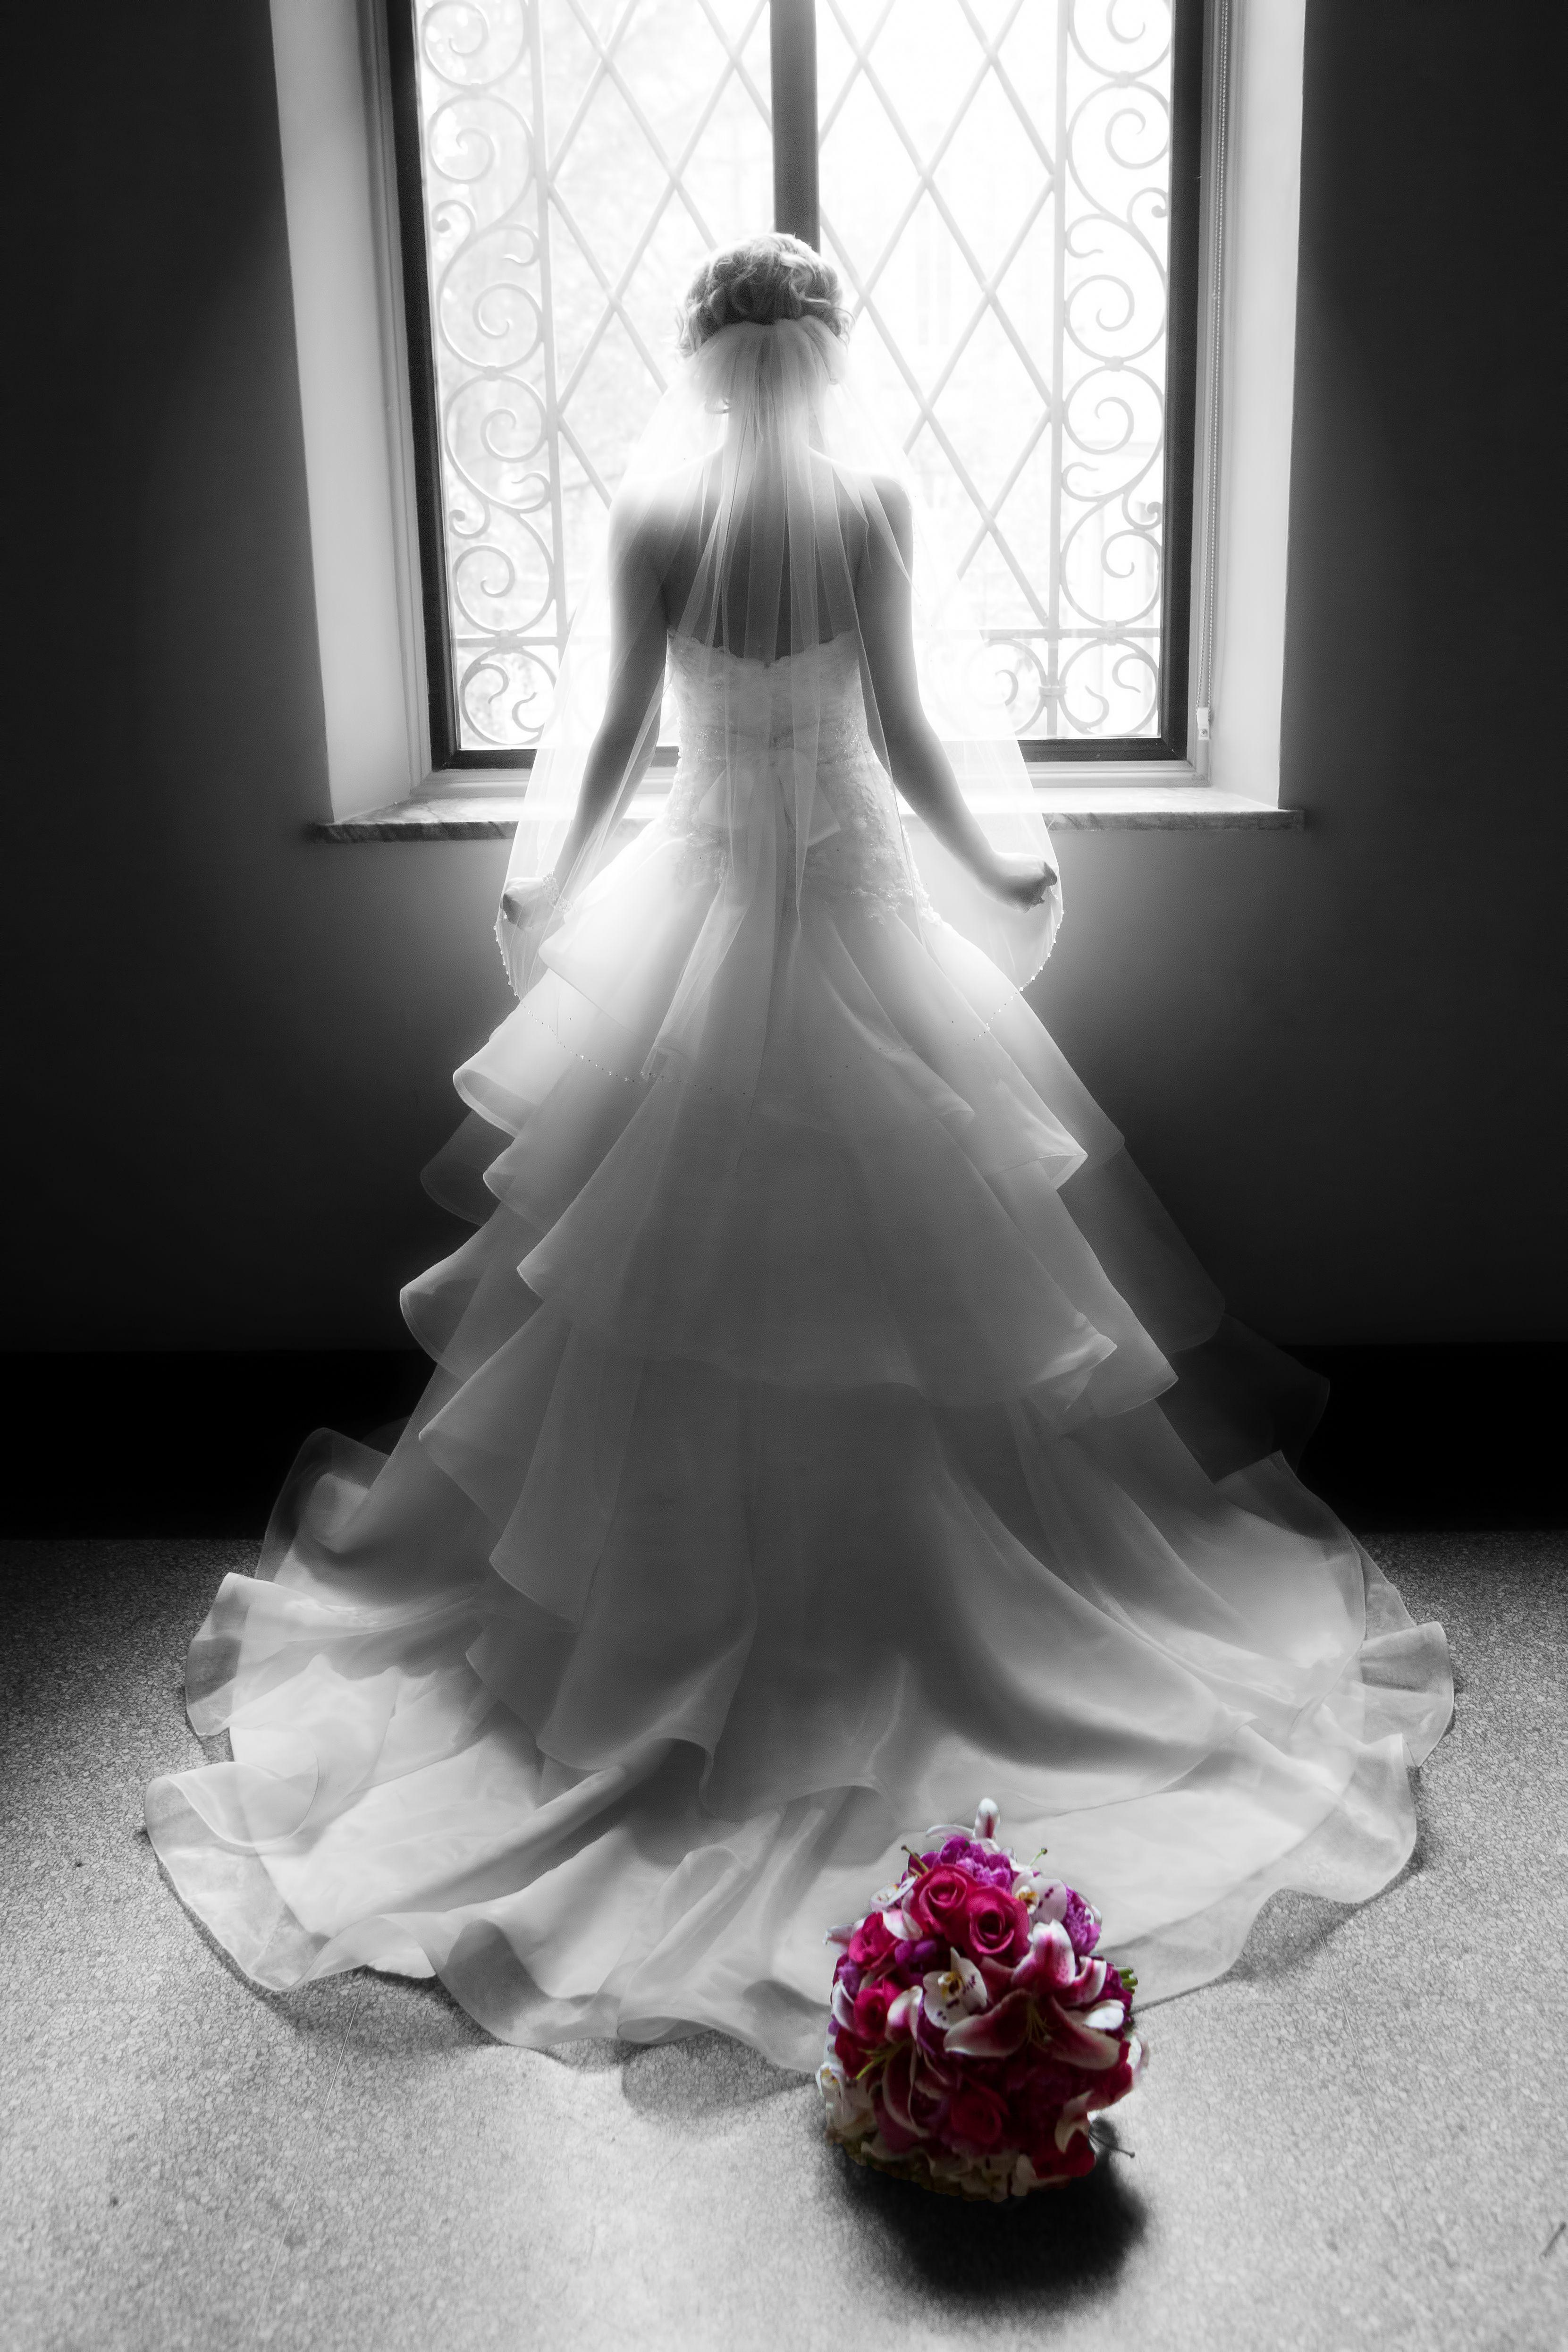 Bride in silhouette....